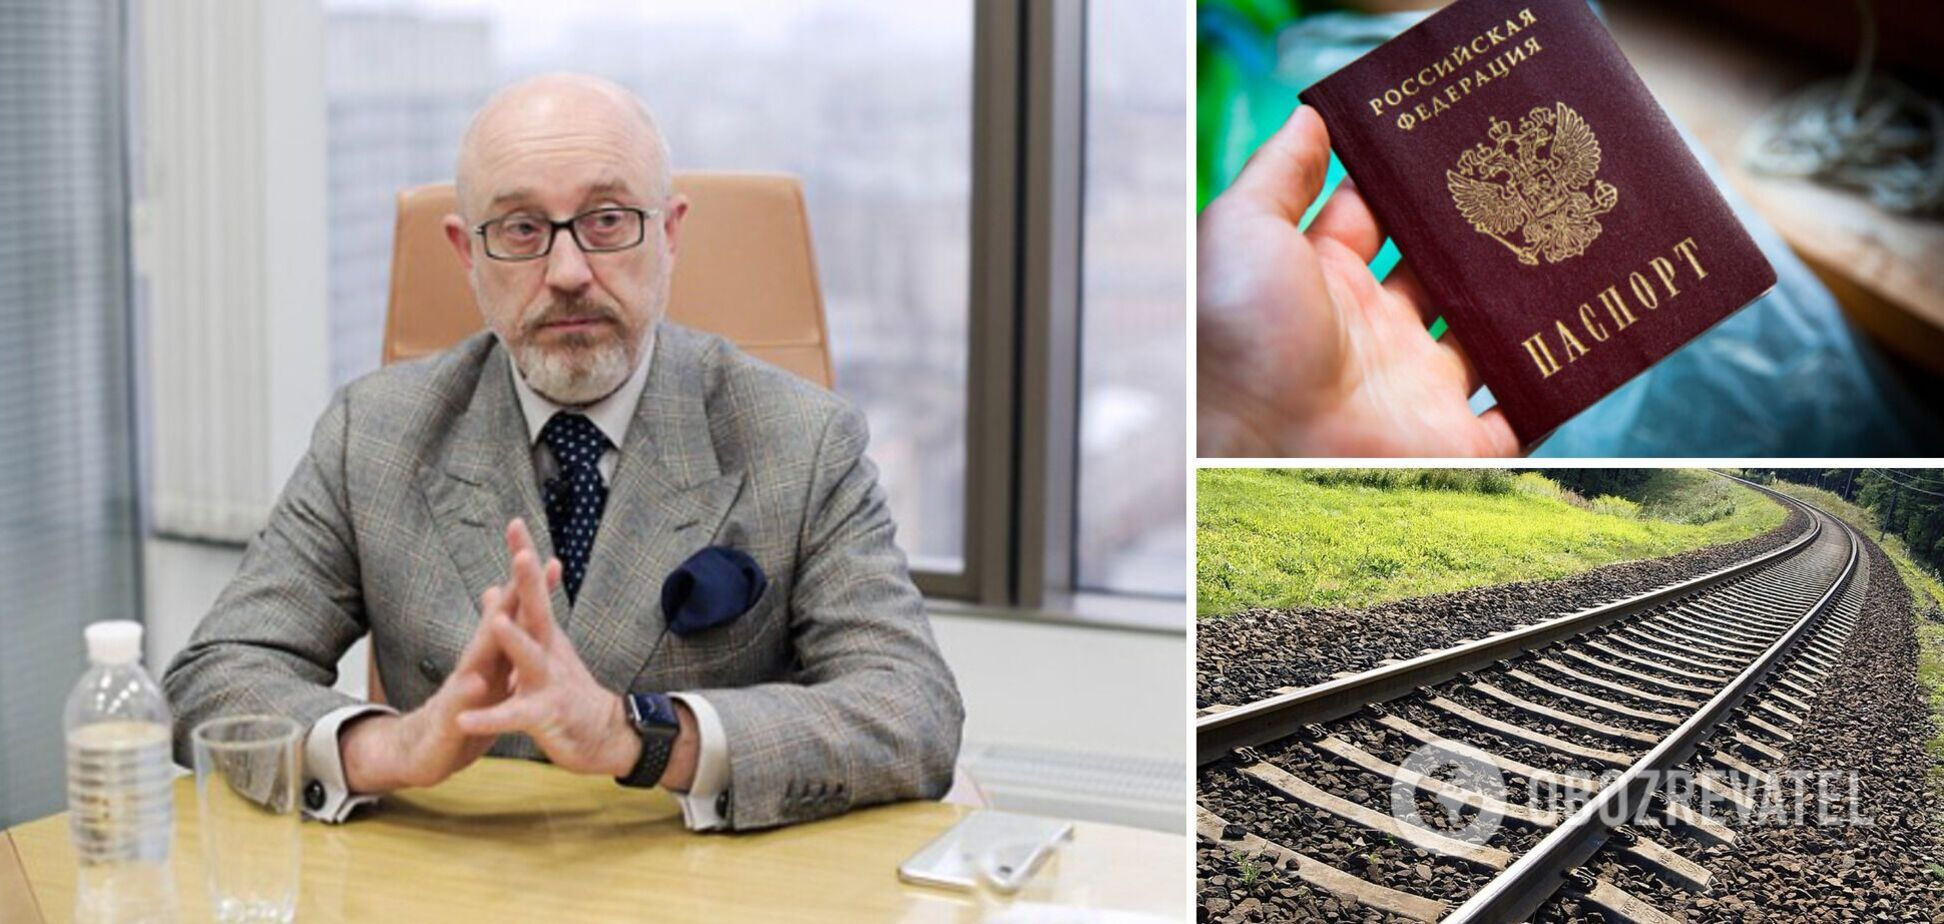 Резников рассказал, что ждет владельцев паспортов РФ на Донбассе после деокупации